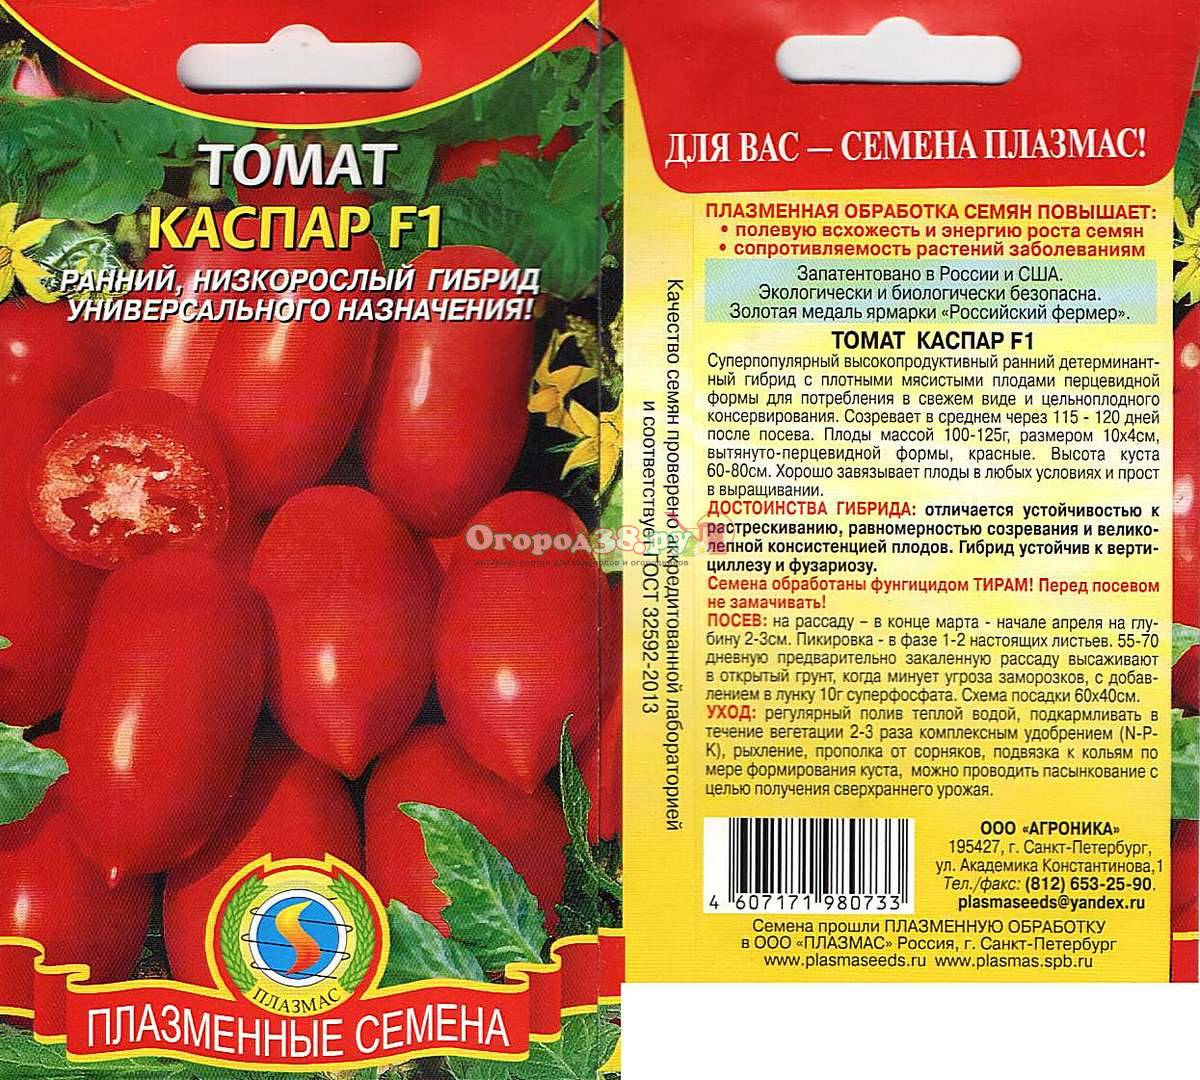 Томат каспар: отзывы, фото, урожайность, описание и характеристика | tomatland.ru